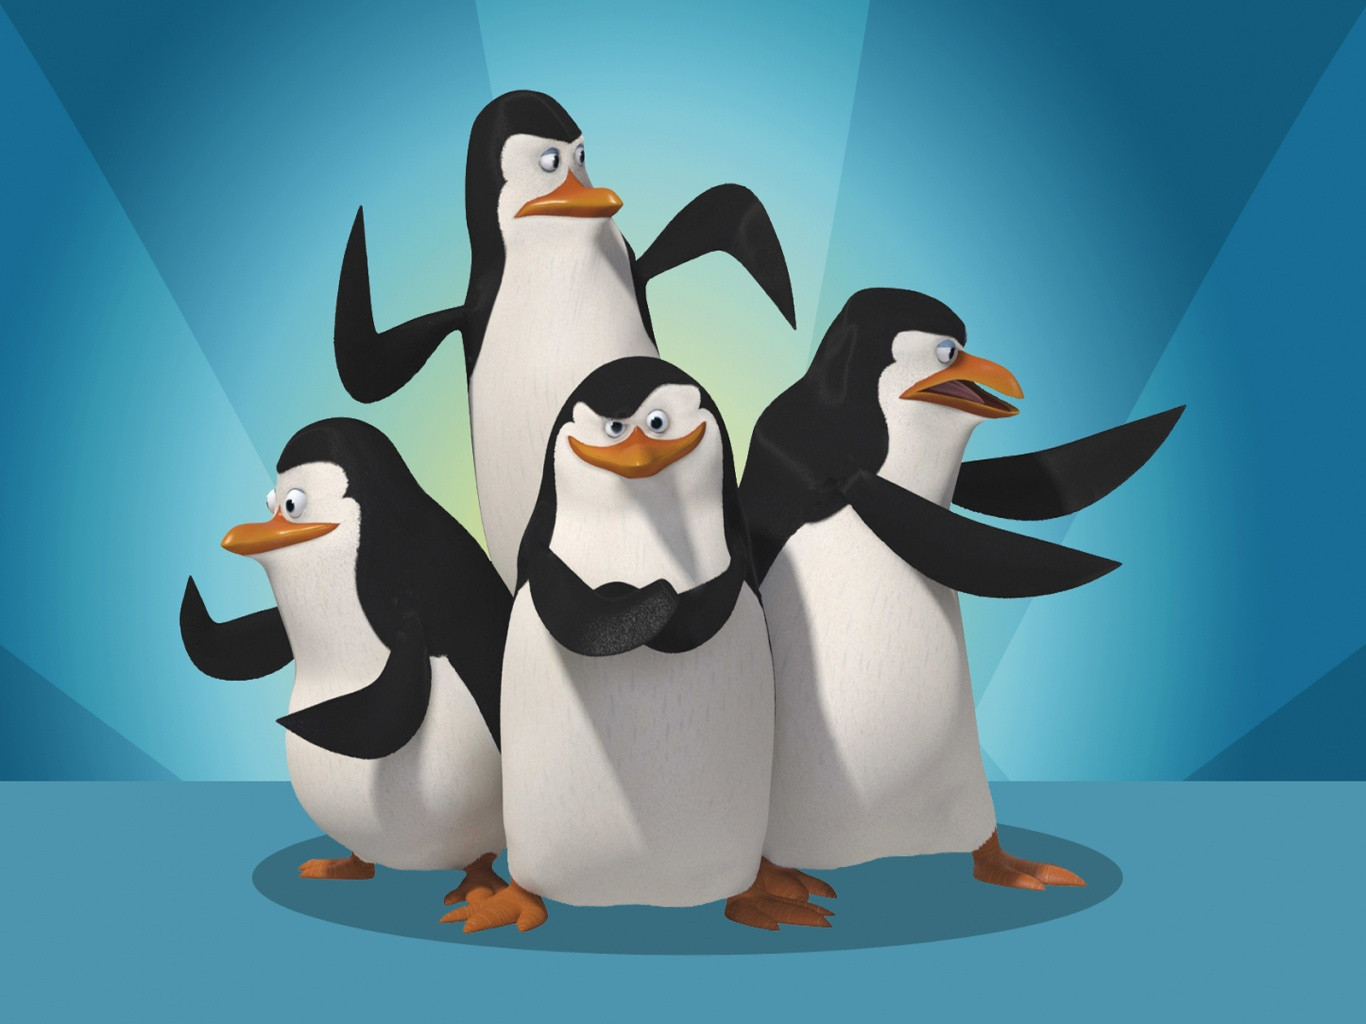 http://2.bp.blogspot.com/-L98ZZjJ6Gk8/TXy7dckqhaI/AAAAAAAAADI/ZaN1cp6i1Rc/s1600/pinguinos.jpg